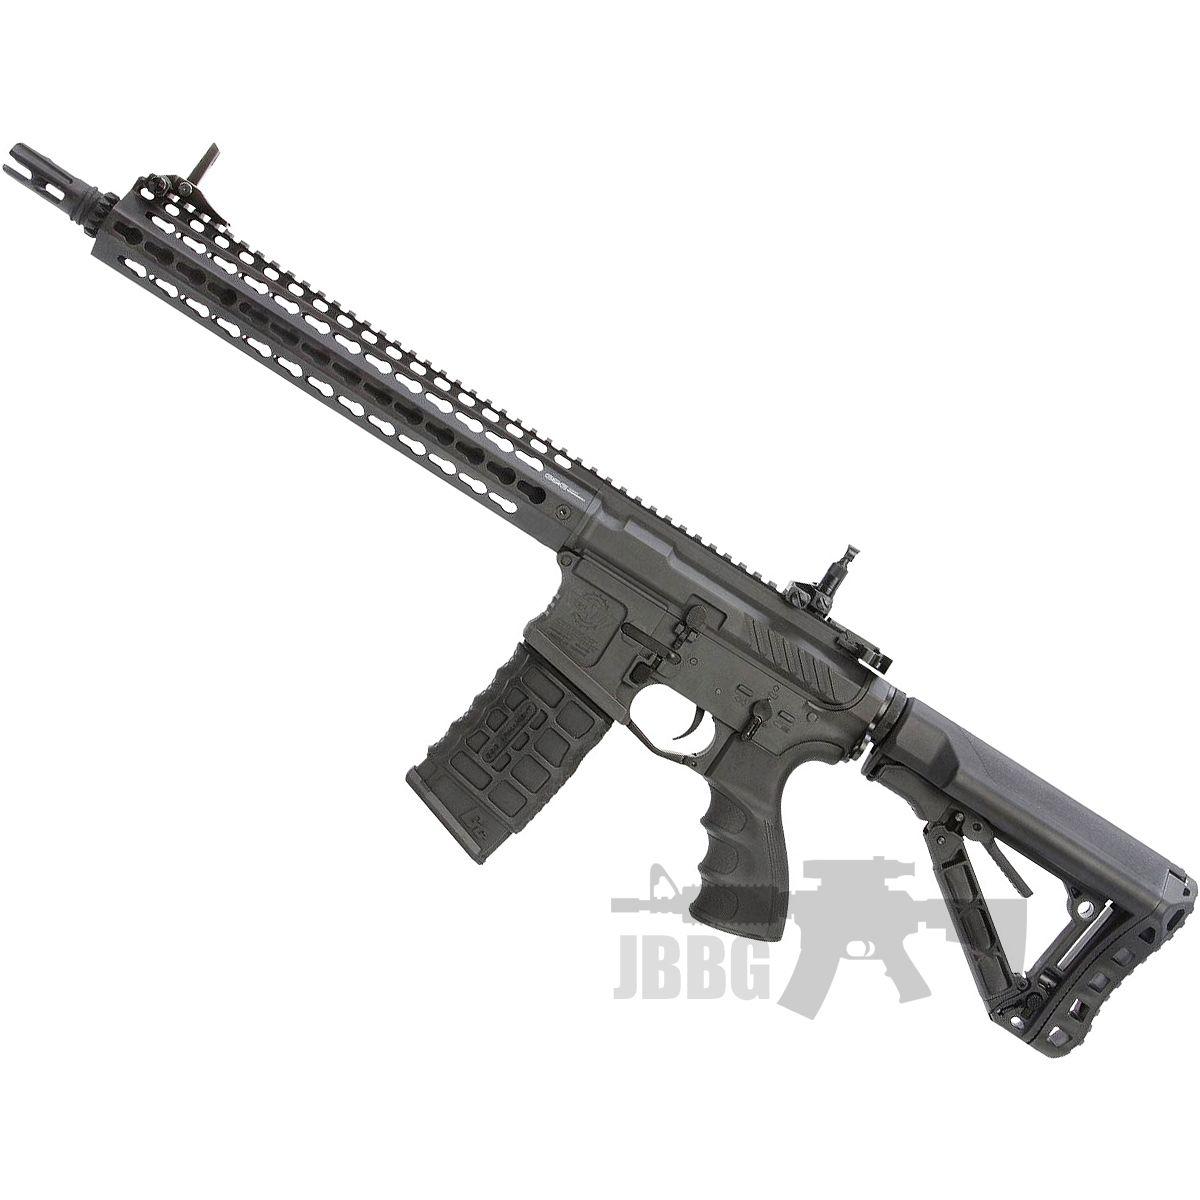 G&G CM16 SRXL AEG Airsoft Gun